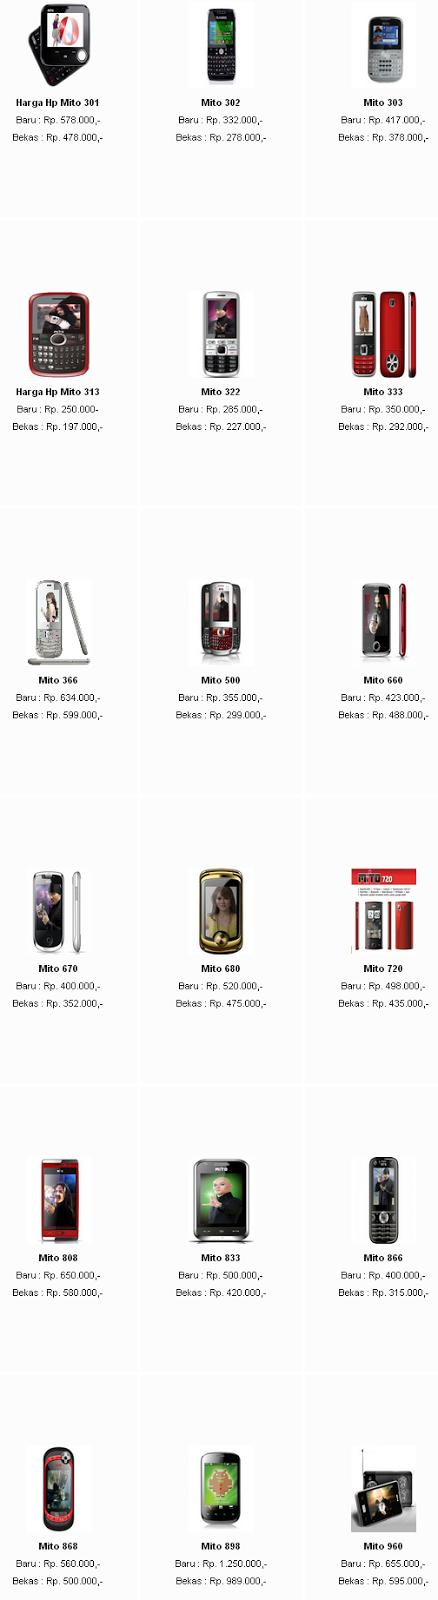 Harga hape MITO Lengkap Terbaru 2013